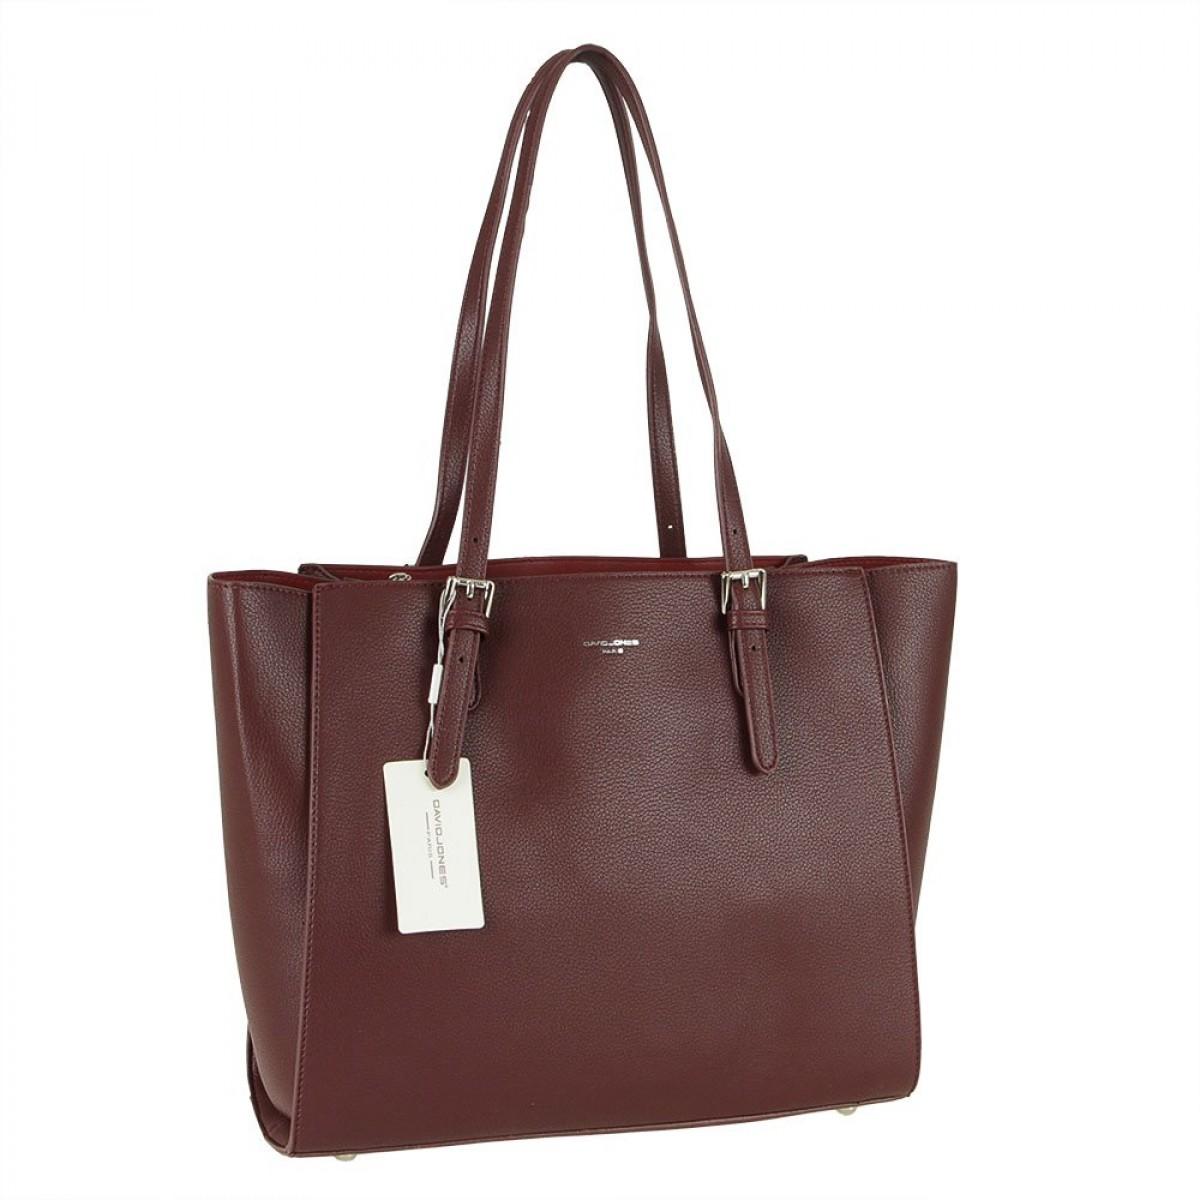 Жіноча сумка David Jones CM5872 DARK BORDEAUX